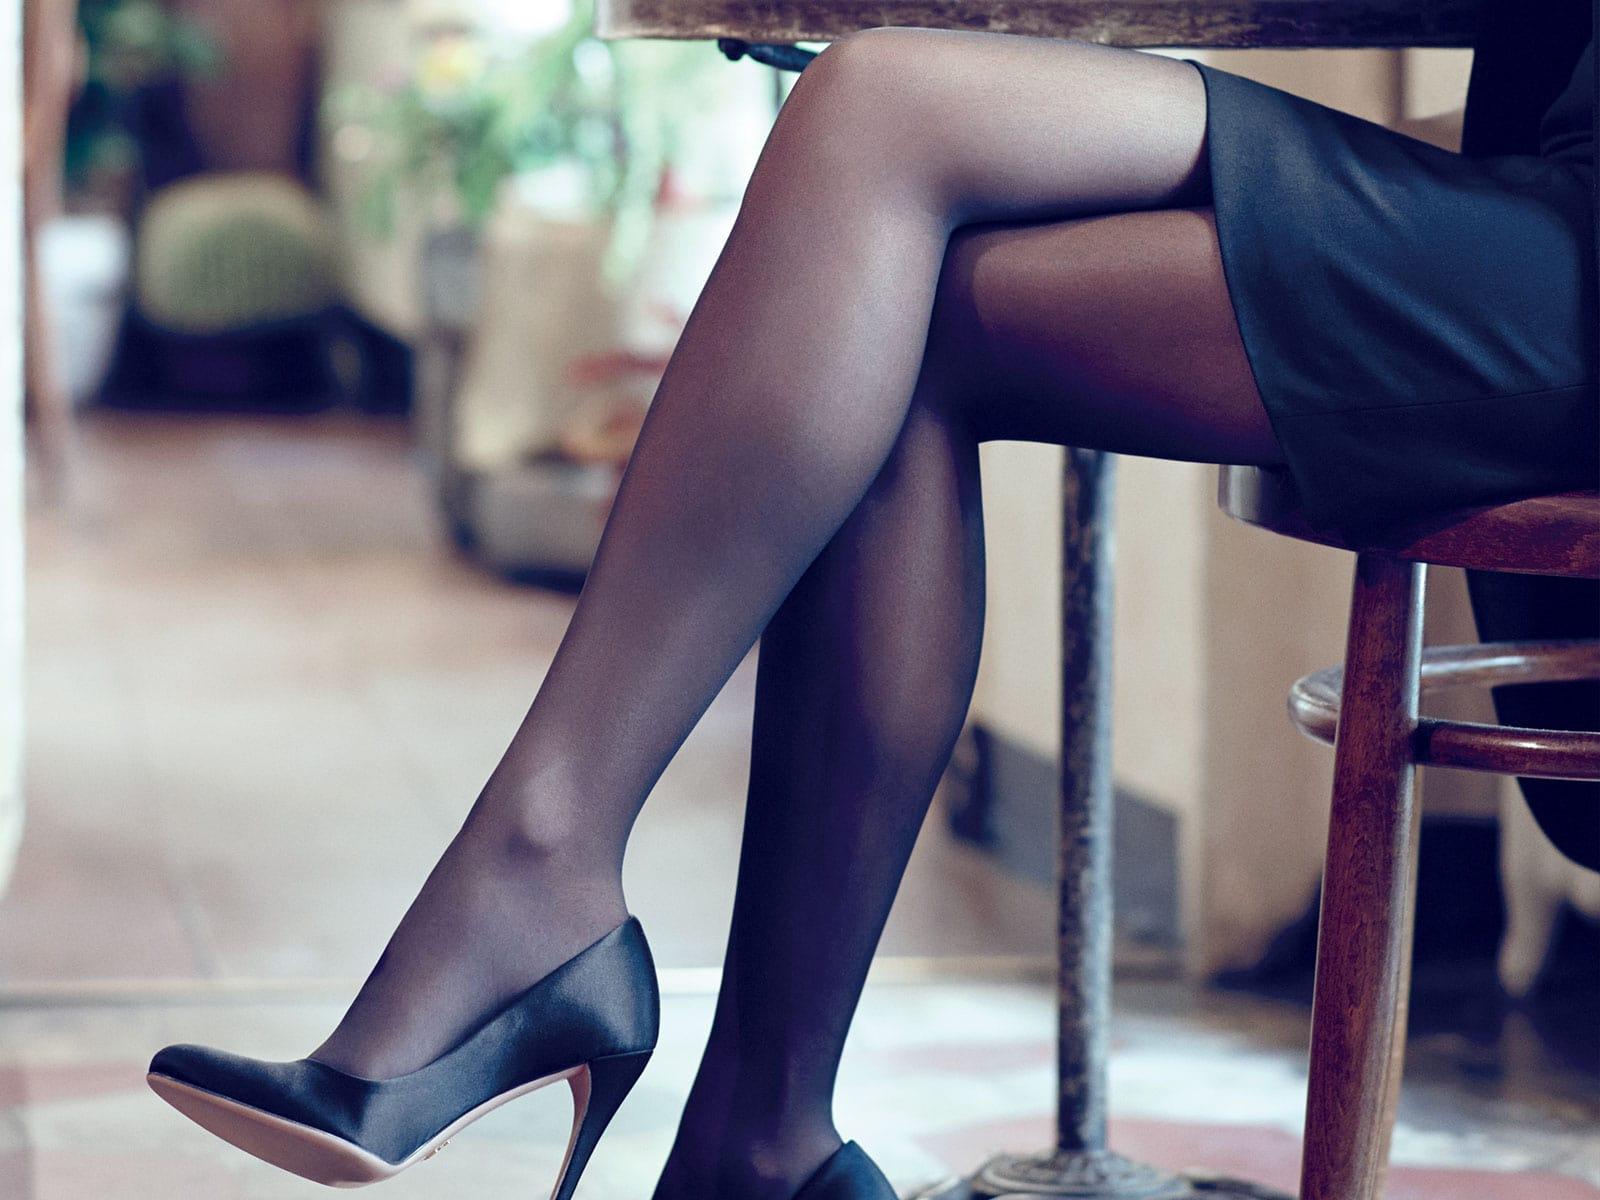 Calze elastiche Solidea: bellezza ed efficacia senza frustrazione!